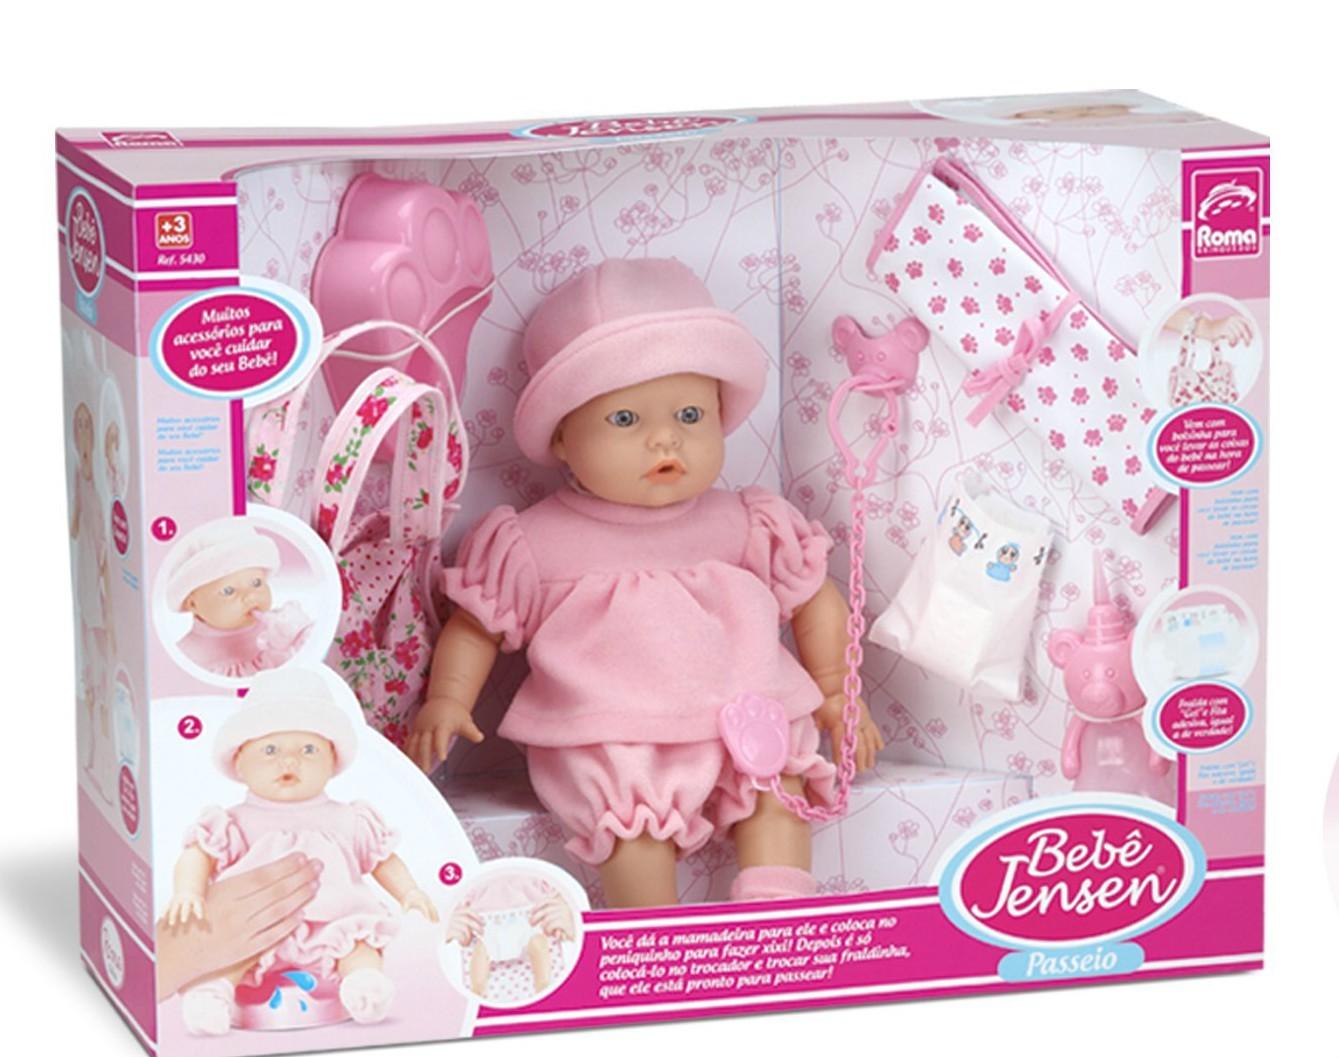 Boneca Bebê Jensen Dia de Passeio Roma Jensen